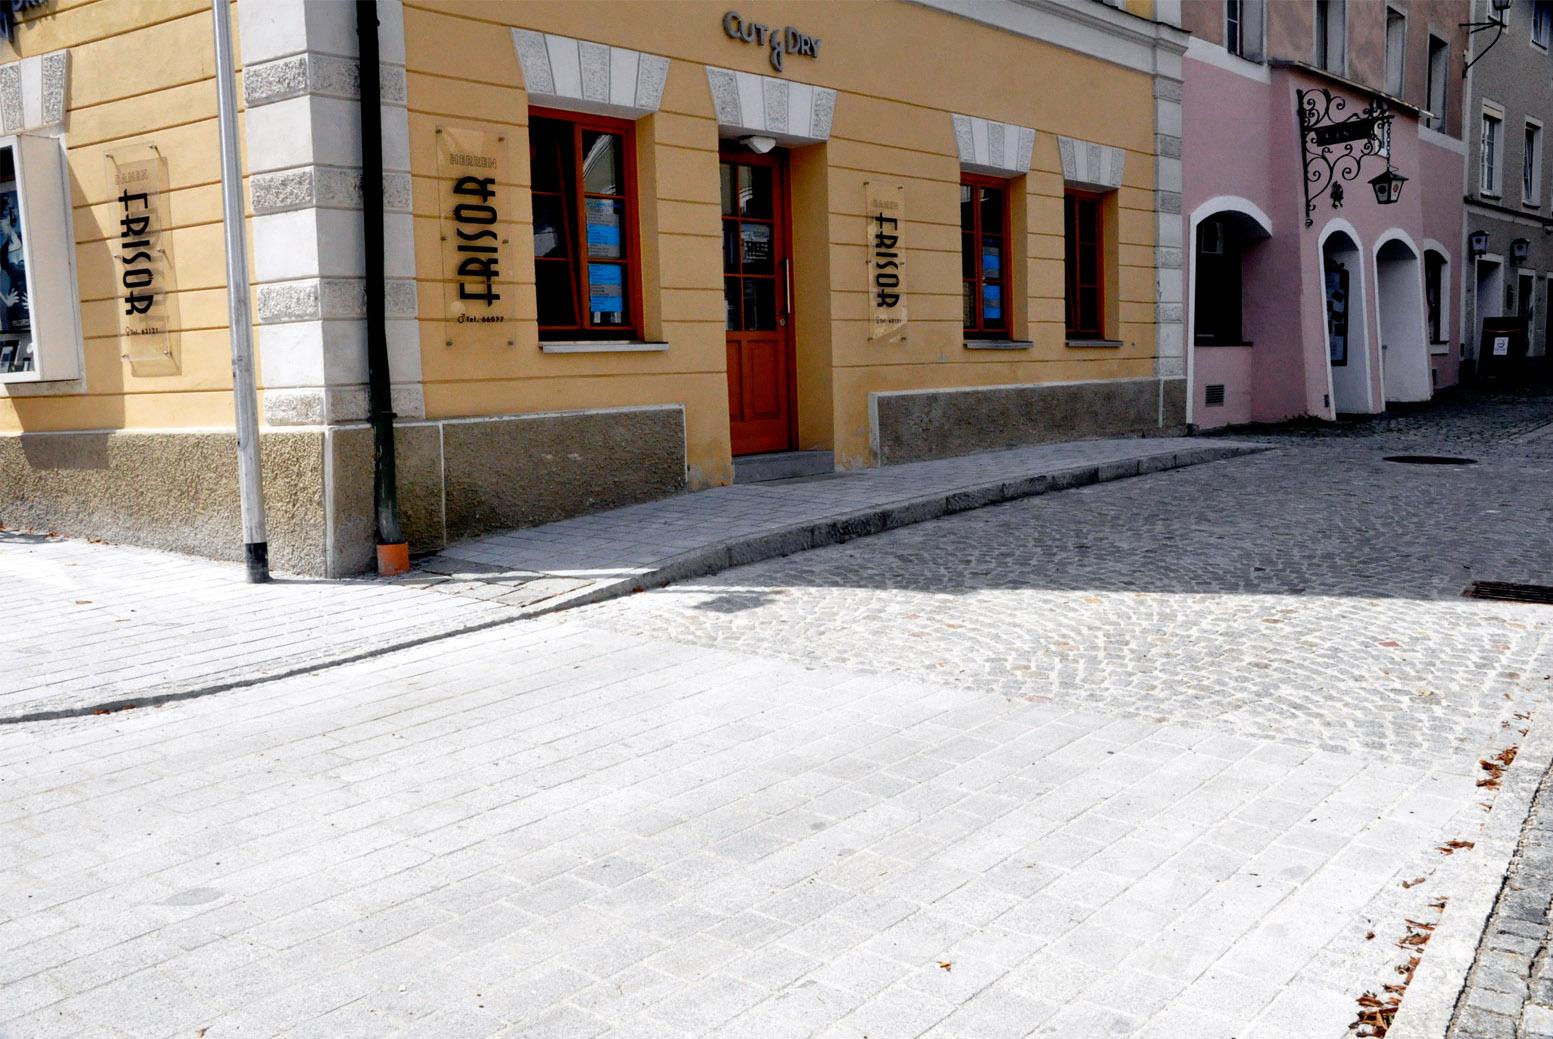 Pflasterungen von öffentlichen Plätzen, Kirchen, Bürgersteige, Straßen, Parkplätze, Innviertel, Salzburg, Oberösterreich